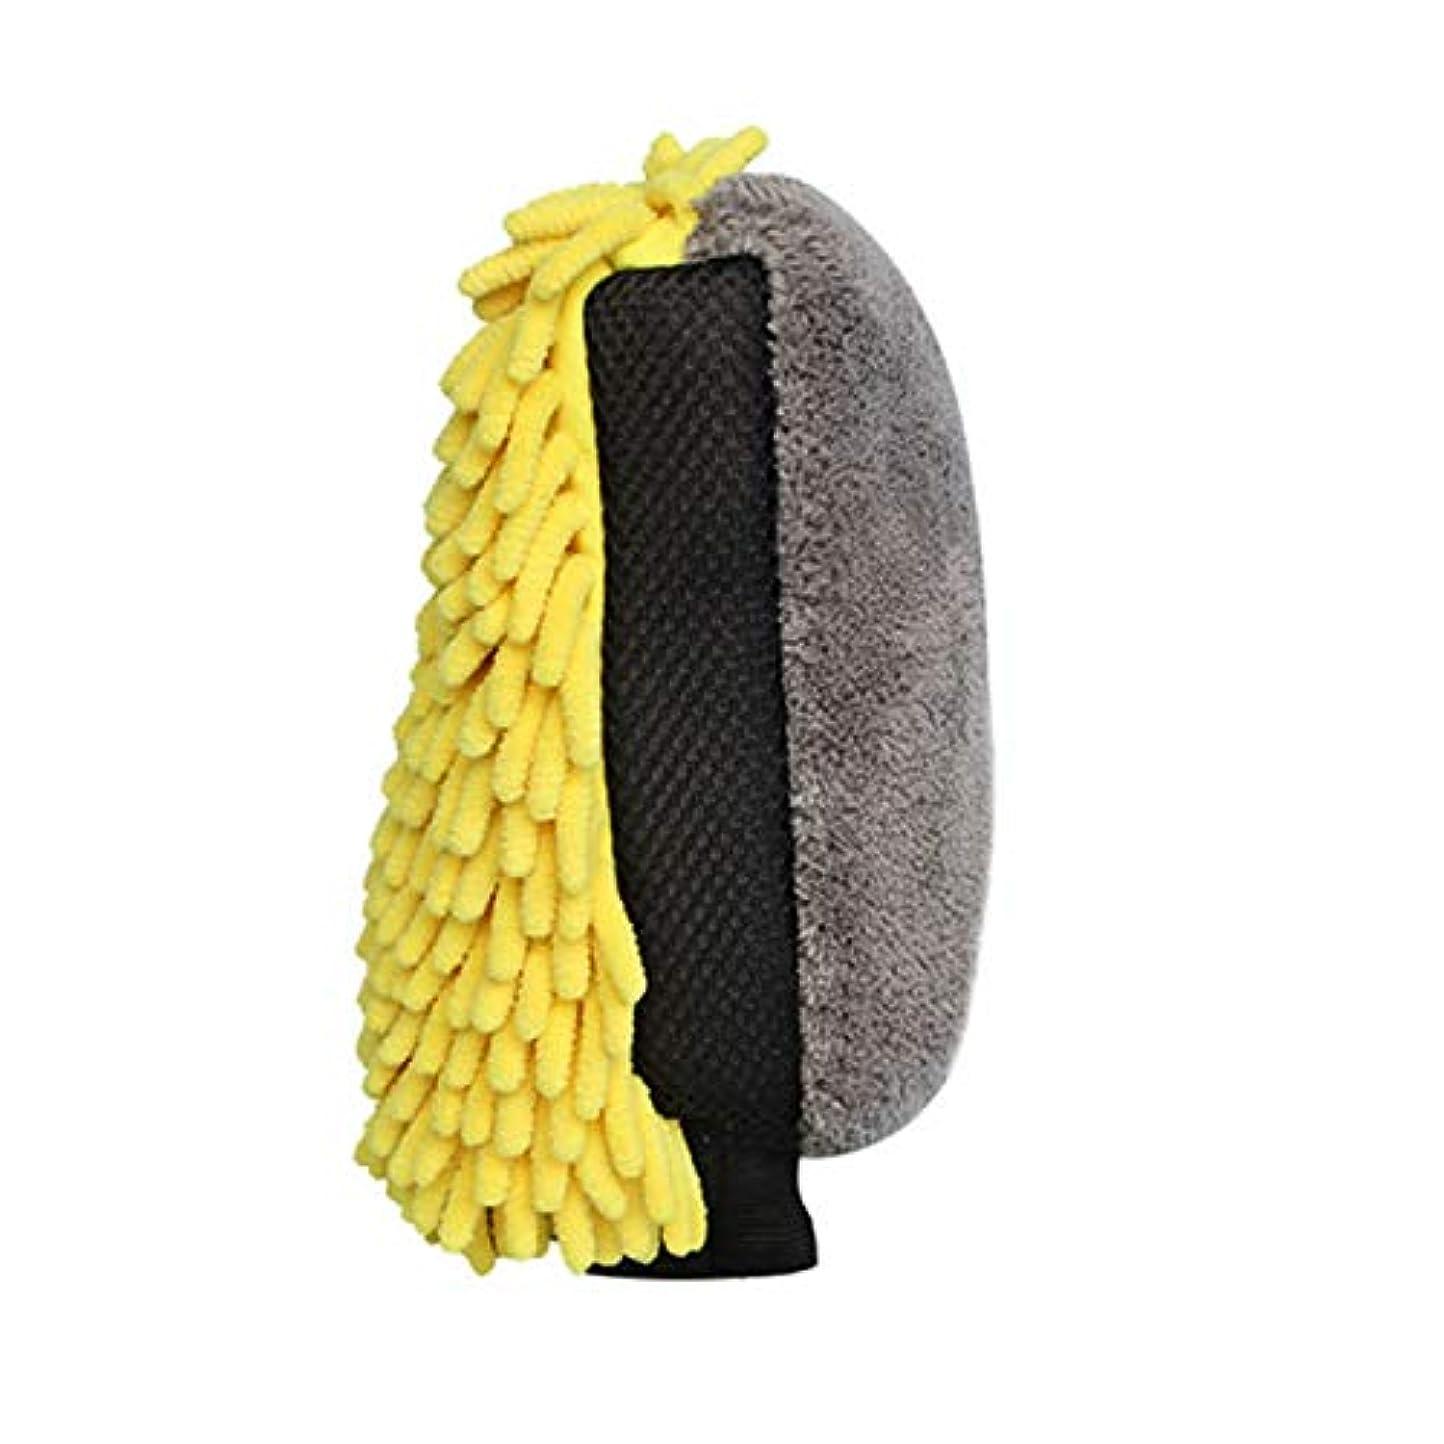 ラフ睡眠防衛豆腐BTXXYJP 防水 カーウォッシュマイクロ ファイバーシェ ニール ディテールブラシ グローブ 多機能 (Color : Yellow, Size : M-Five pairs)